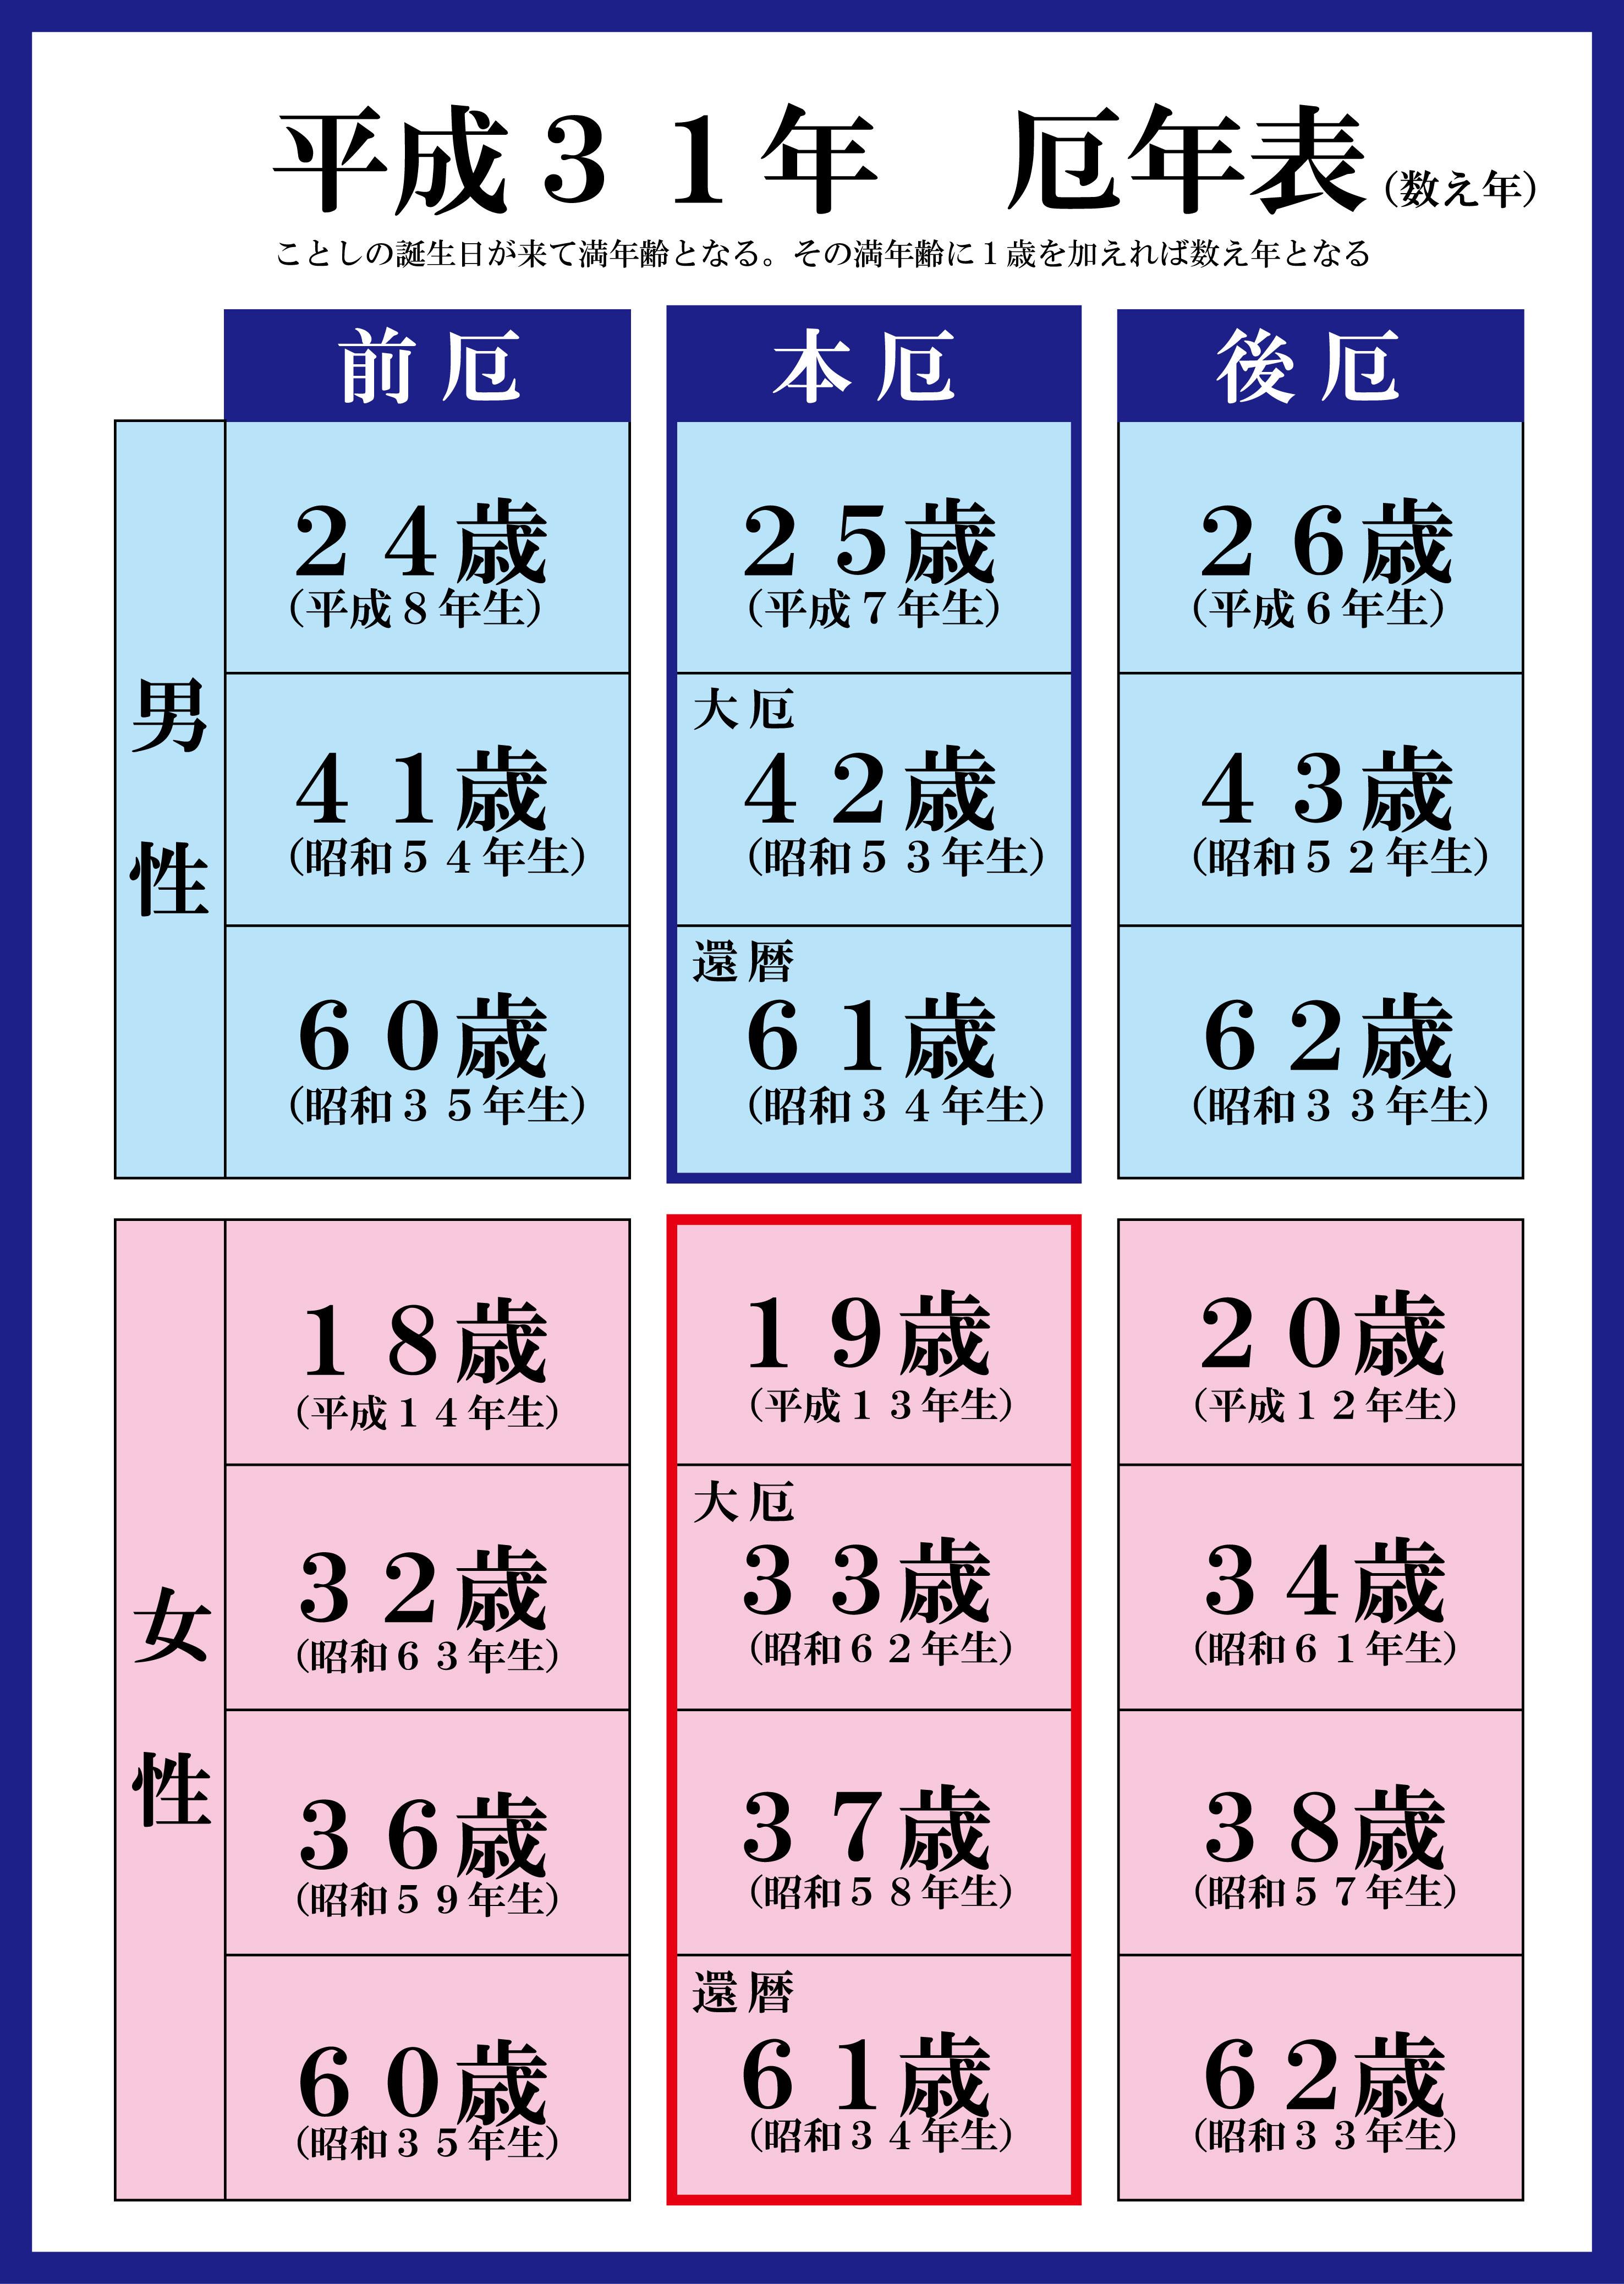 福岡県飯塚市にある神社 曩祖八...